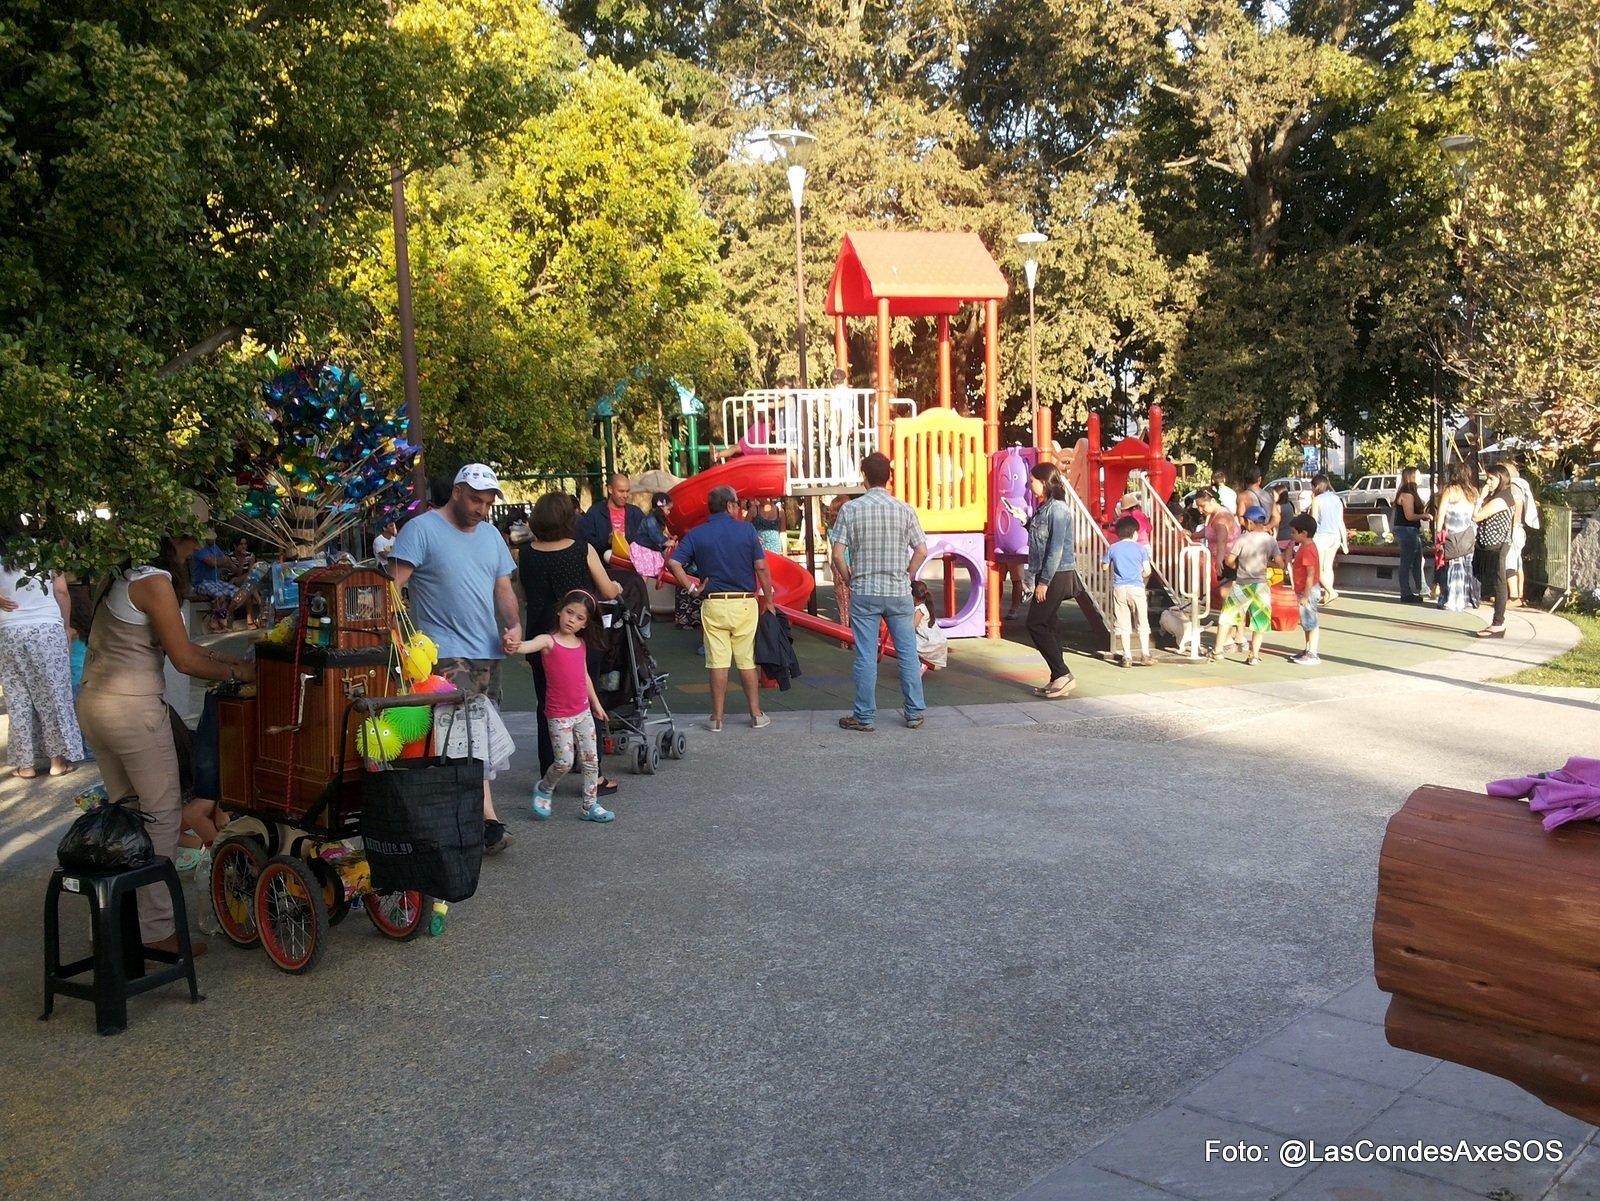 Juegos infantiles sin opción de juego inclusivo